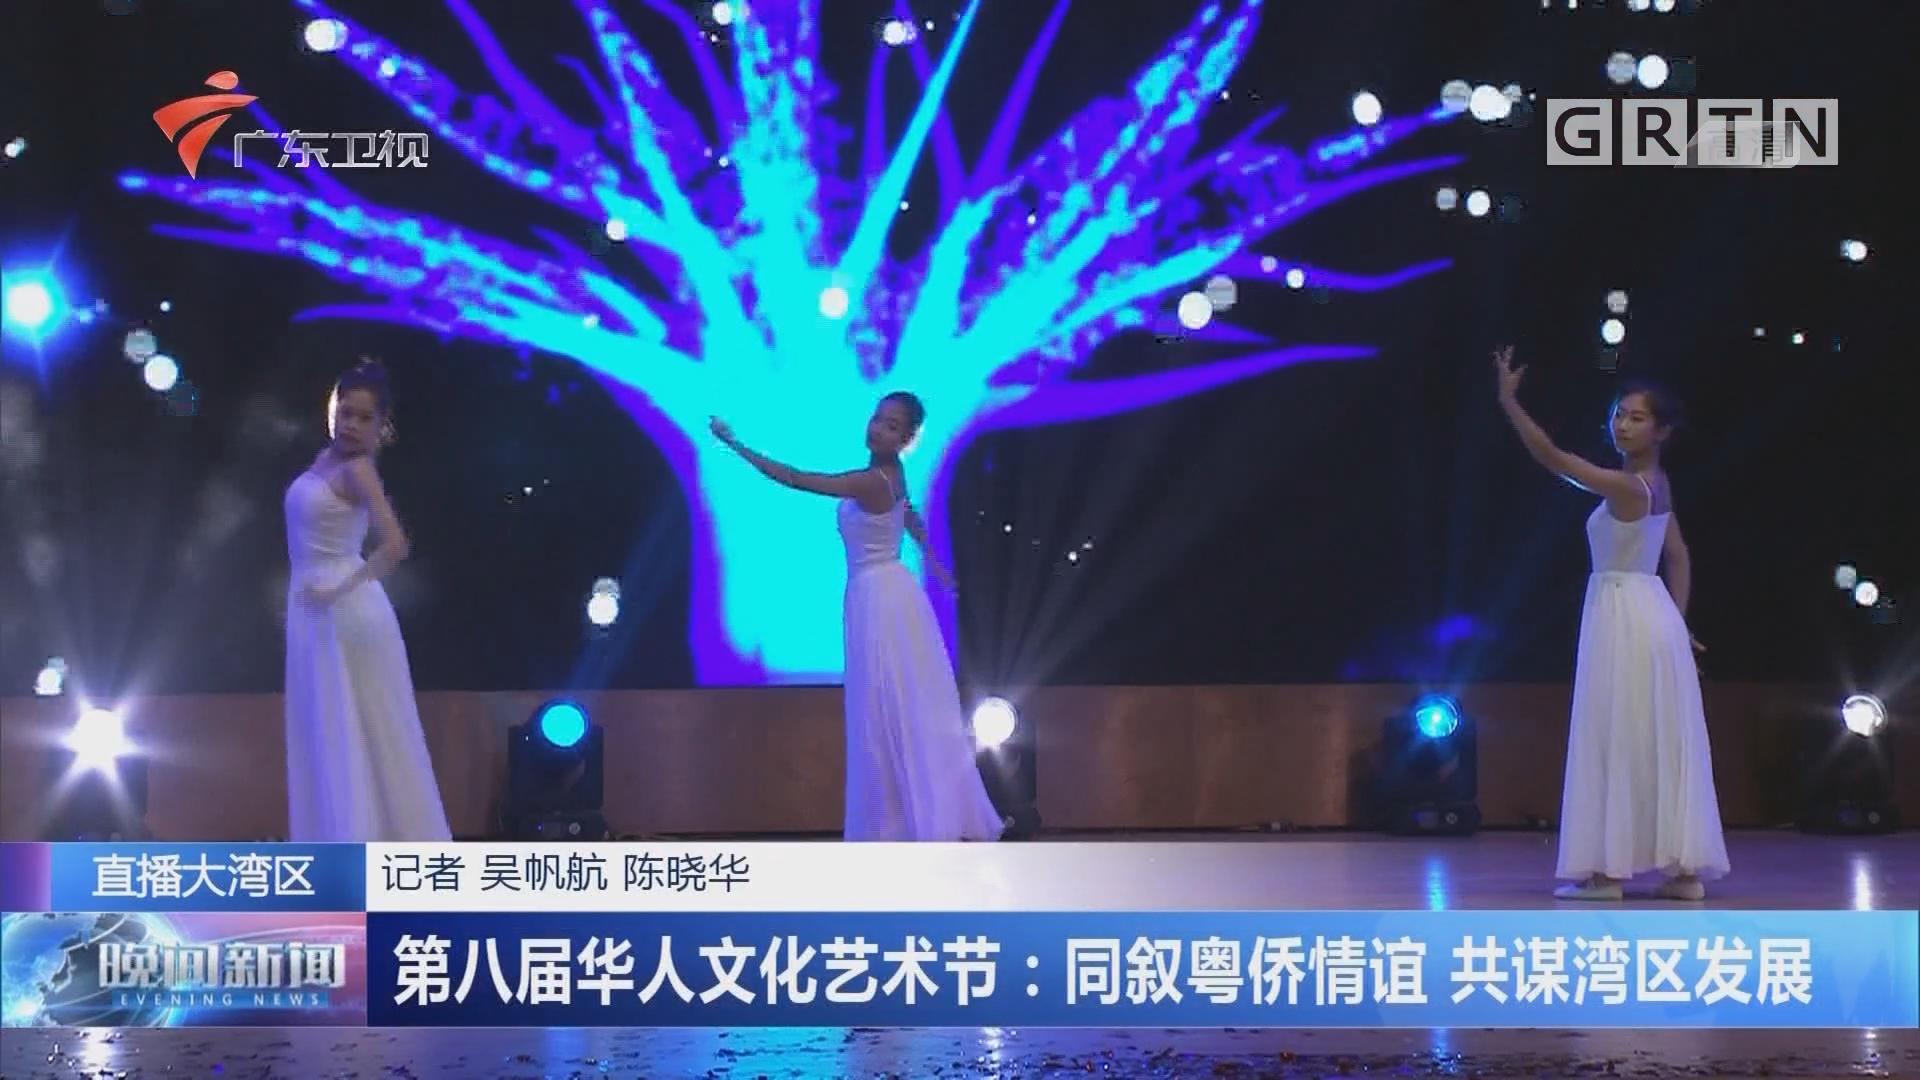 第八届华人文化艺术节:同叙粤侨情谊 共谋湾区发展